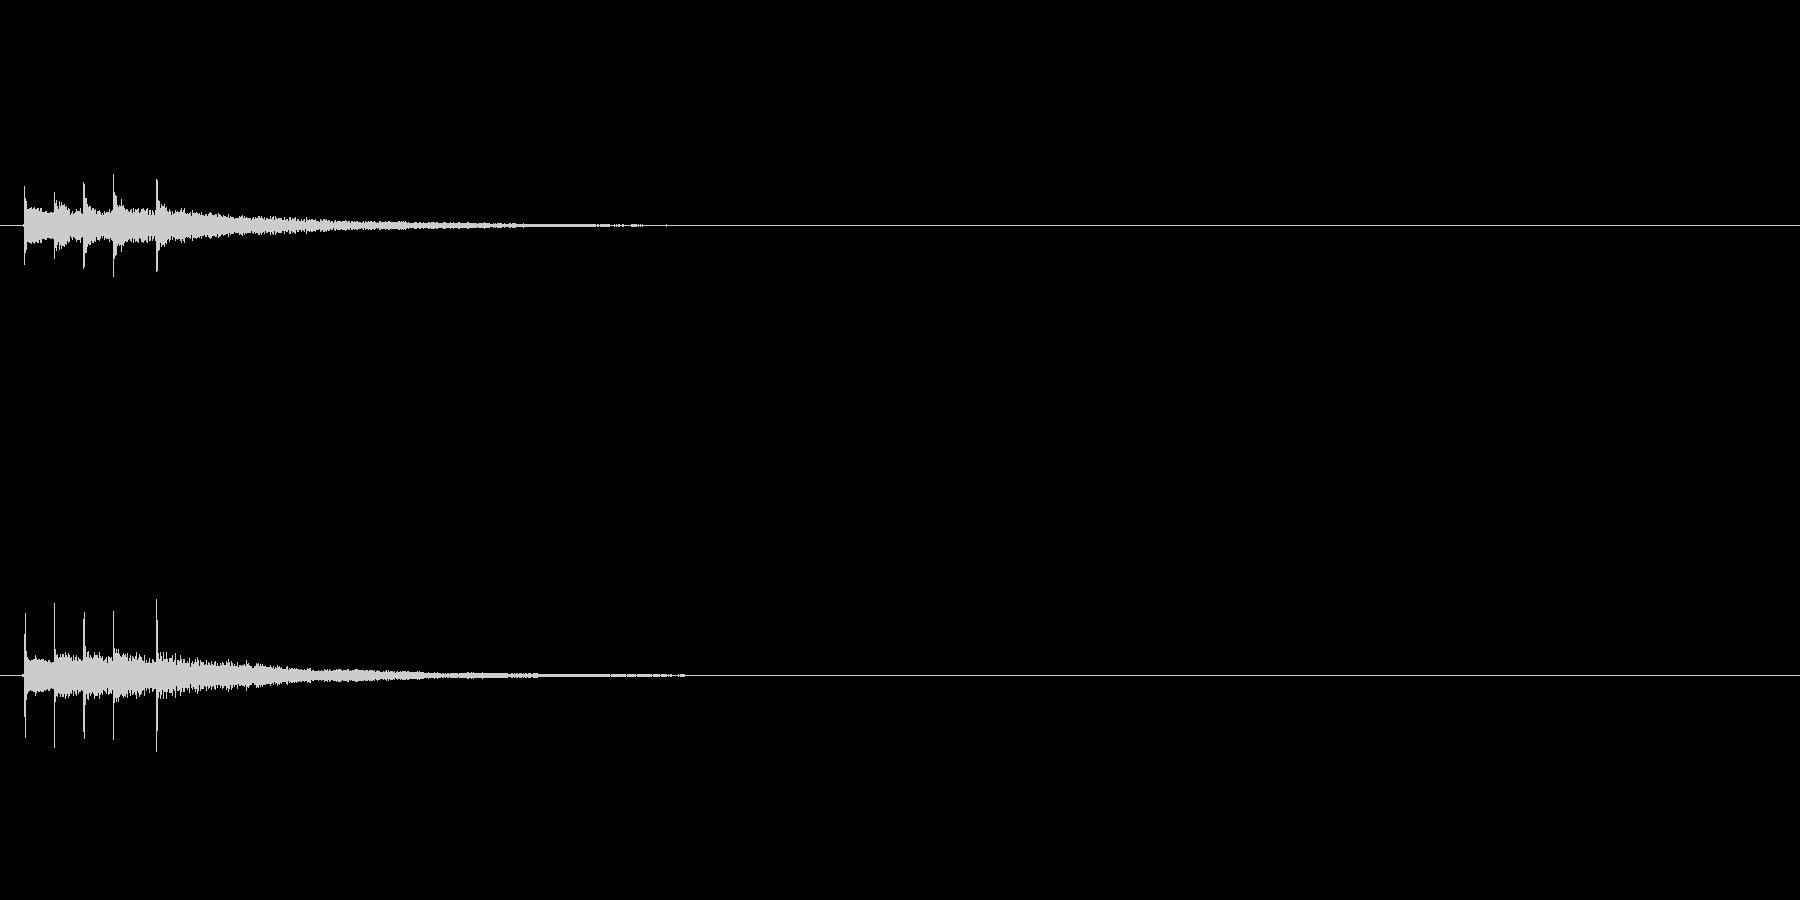 オリジナルの効果音キランの未再生の波形